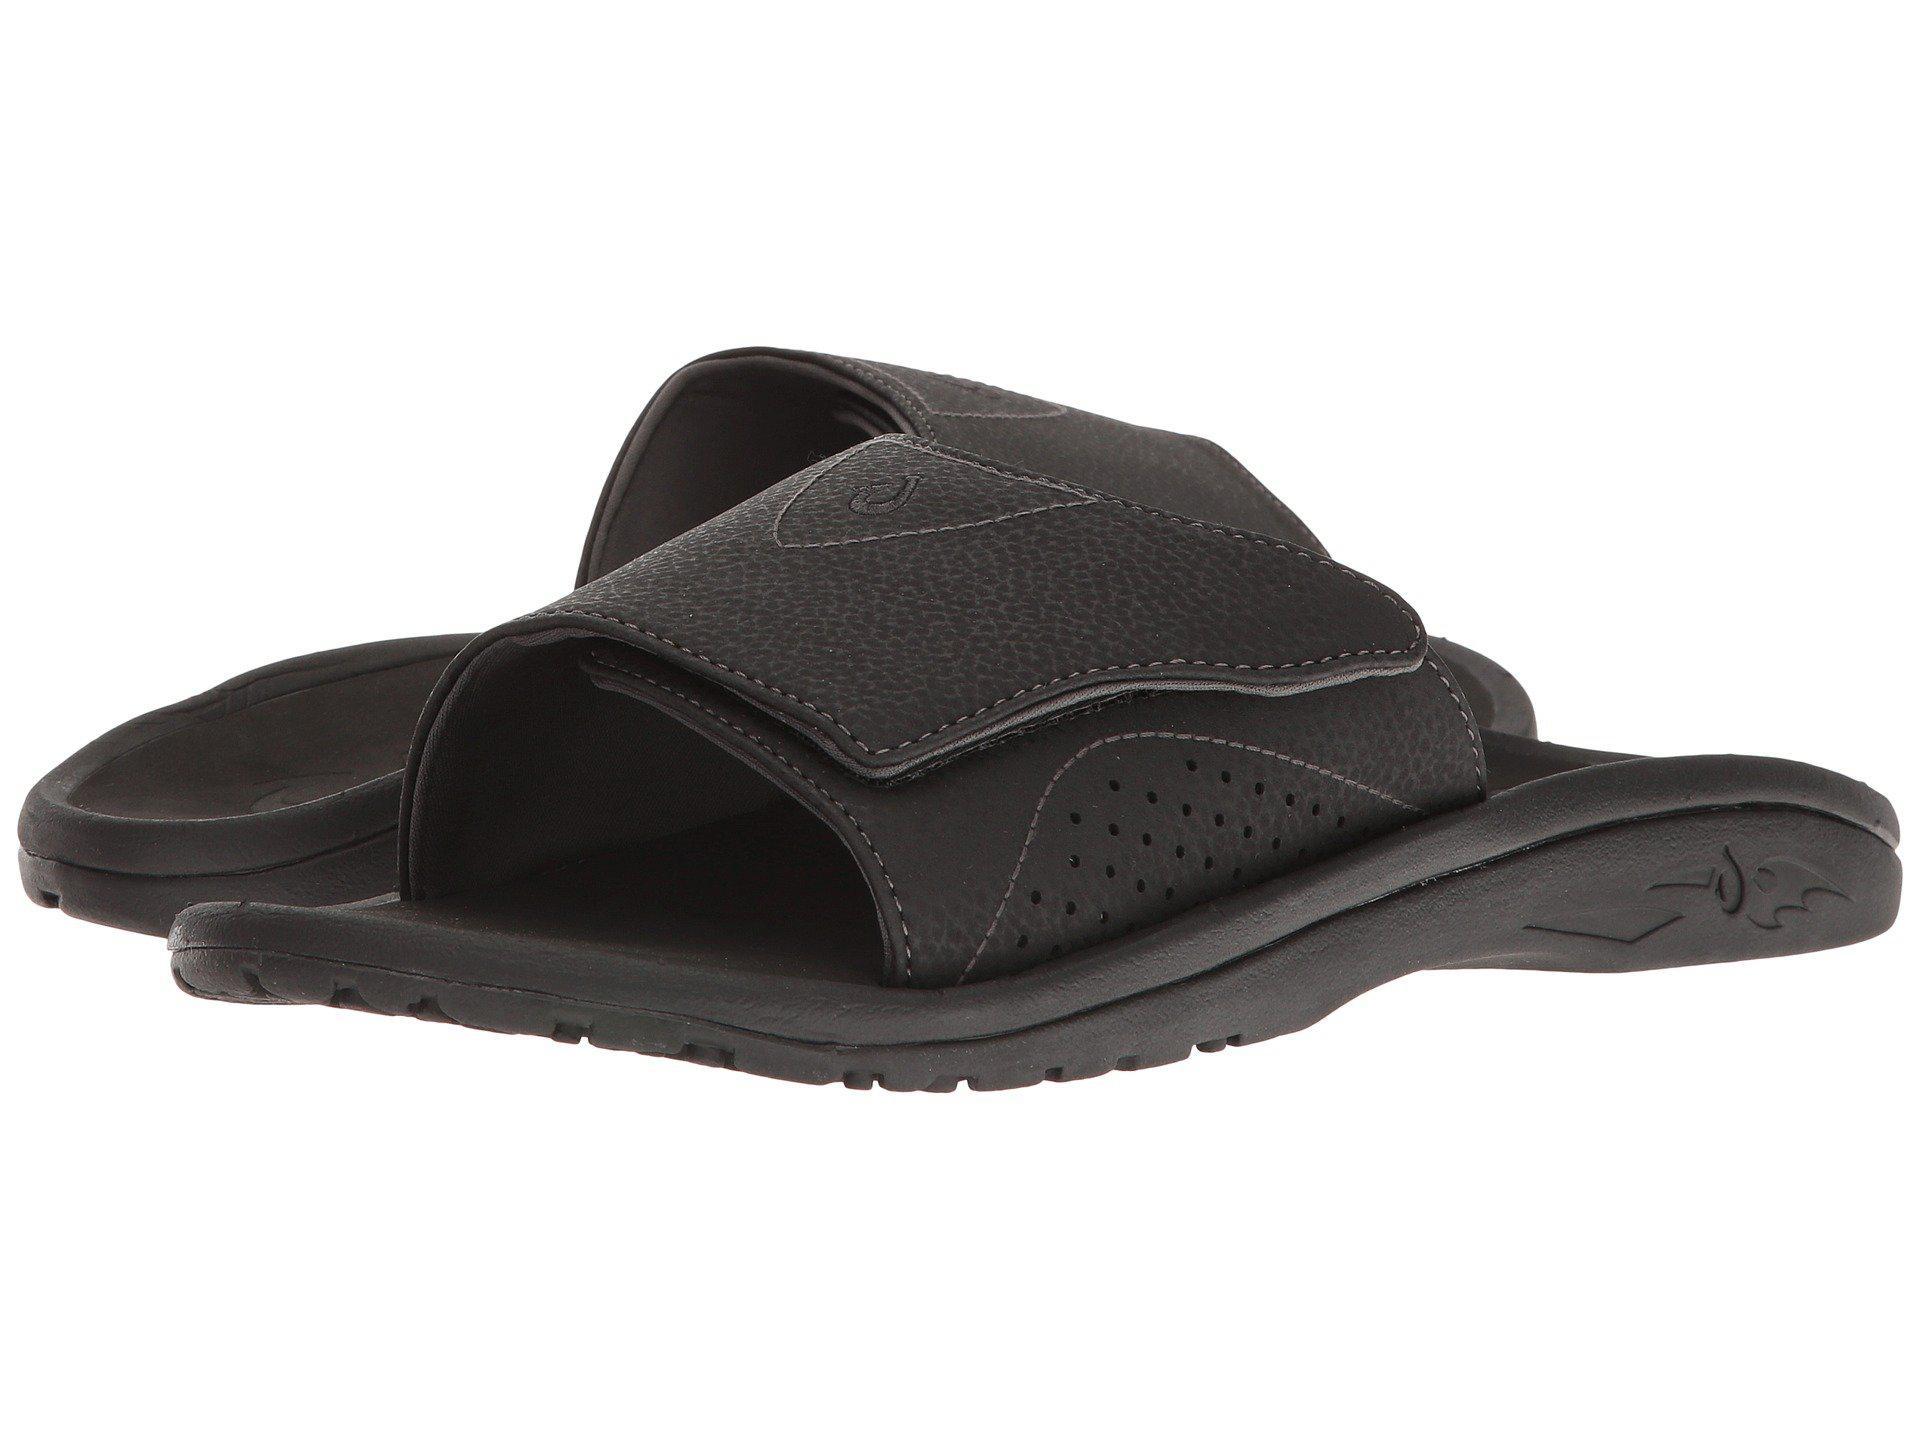 721d2953054b Lyst - Olukai Nalu Slide (black black) Men s Slide Shoes in Black